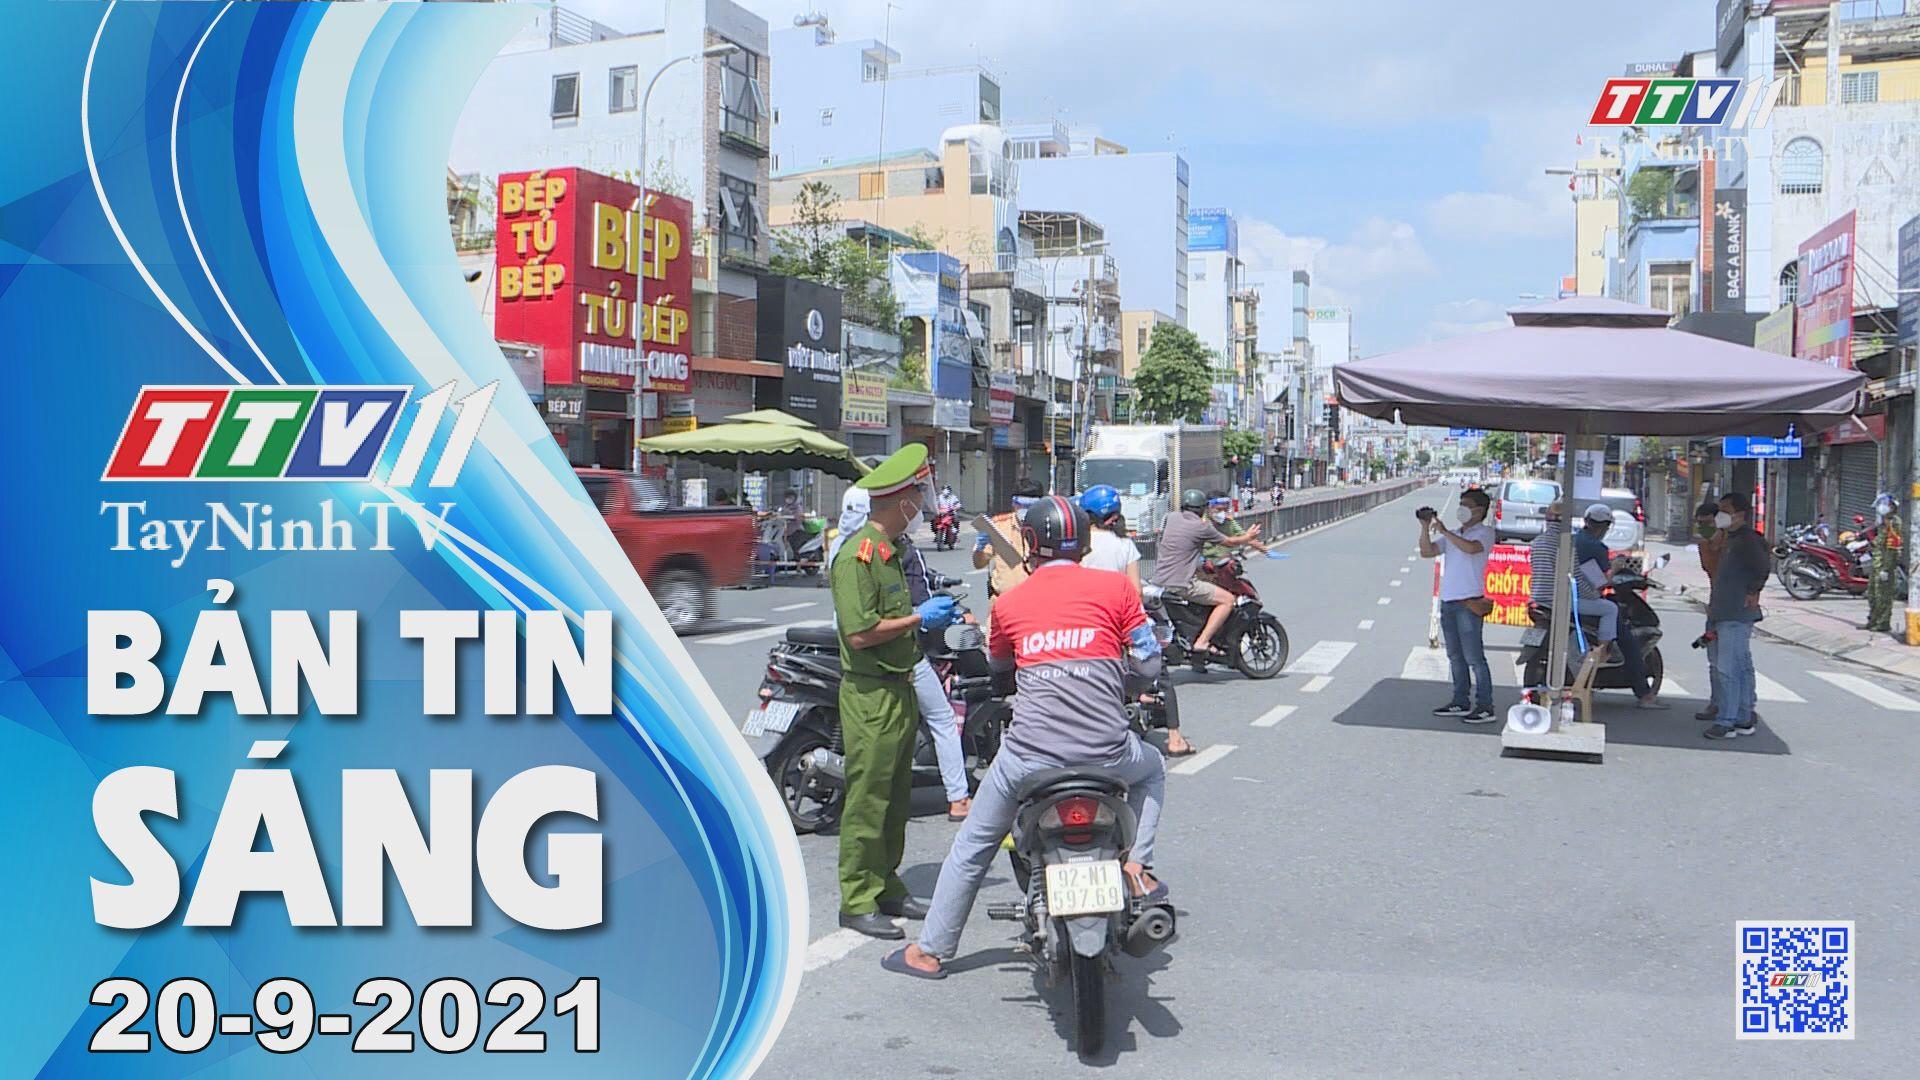 Bản tin sáng 20/9/2021 | Tin tức hôm nay | TayNinhTV